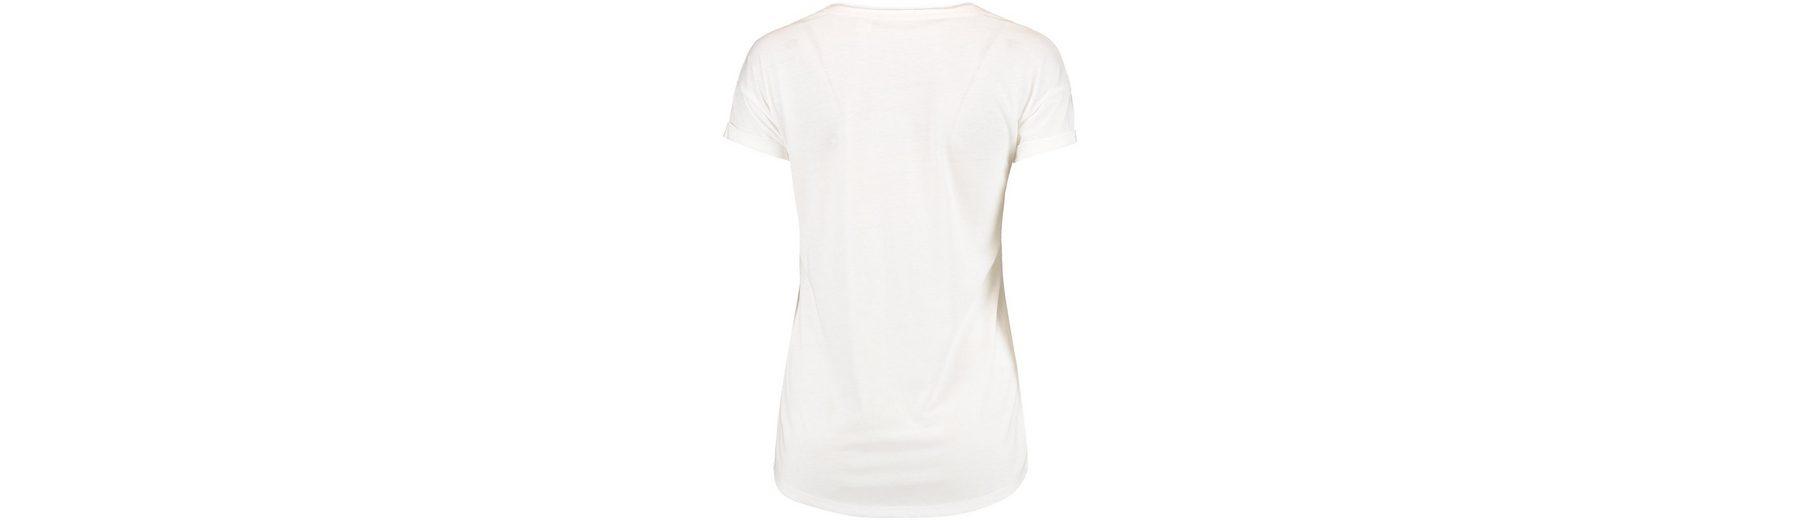 Auslass Besuch Neu Bester Ort O'Neill T-Shirts kurzärmlig Organic cotton t-shirt Spielraum Lohn Mit Paypal bn57uWd0A